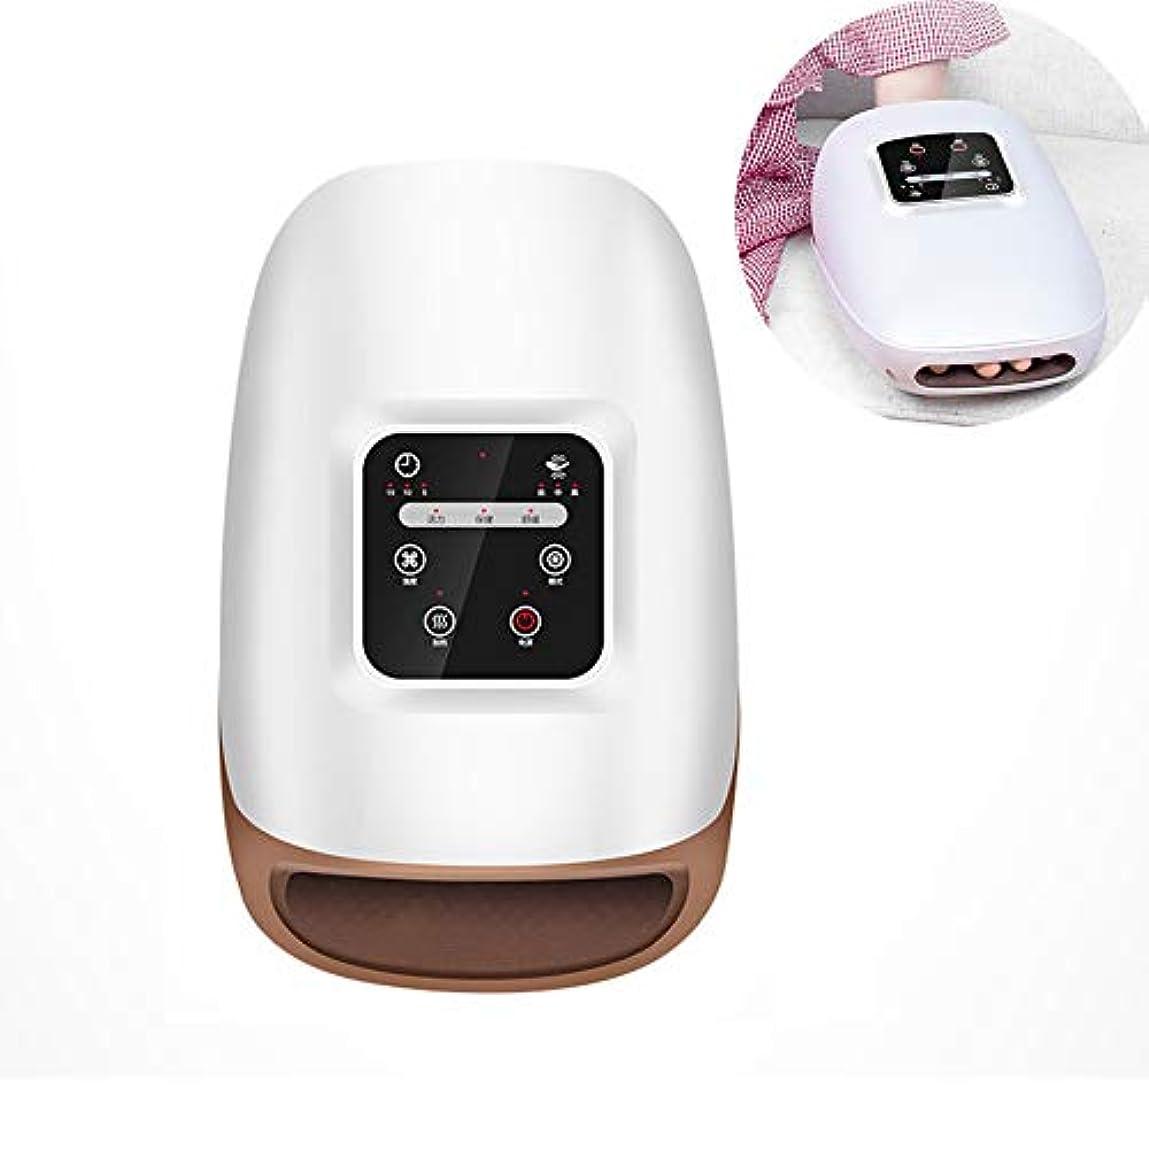 論争的海峡約束する関節炎の痛みを和らげるための混練と熱療法、美容手、調節可能な圧力とタイマー、USB充電可能な電動ハンドマッサージ器